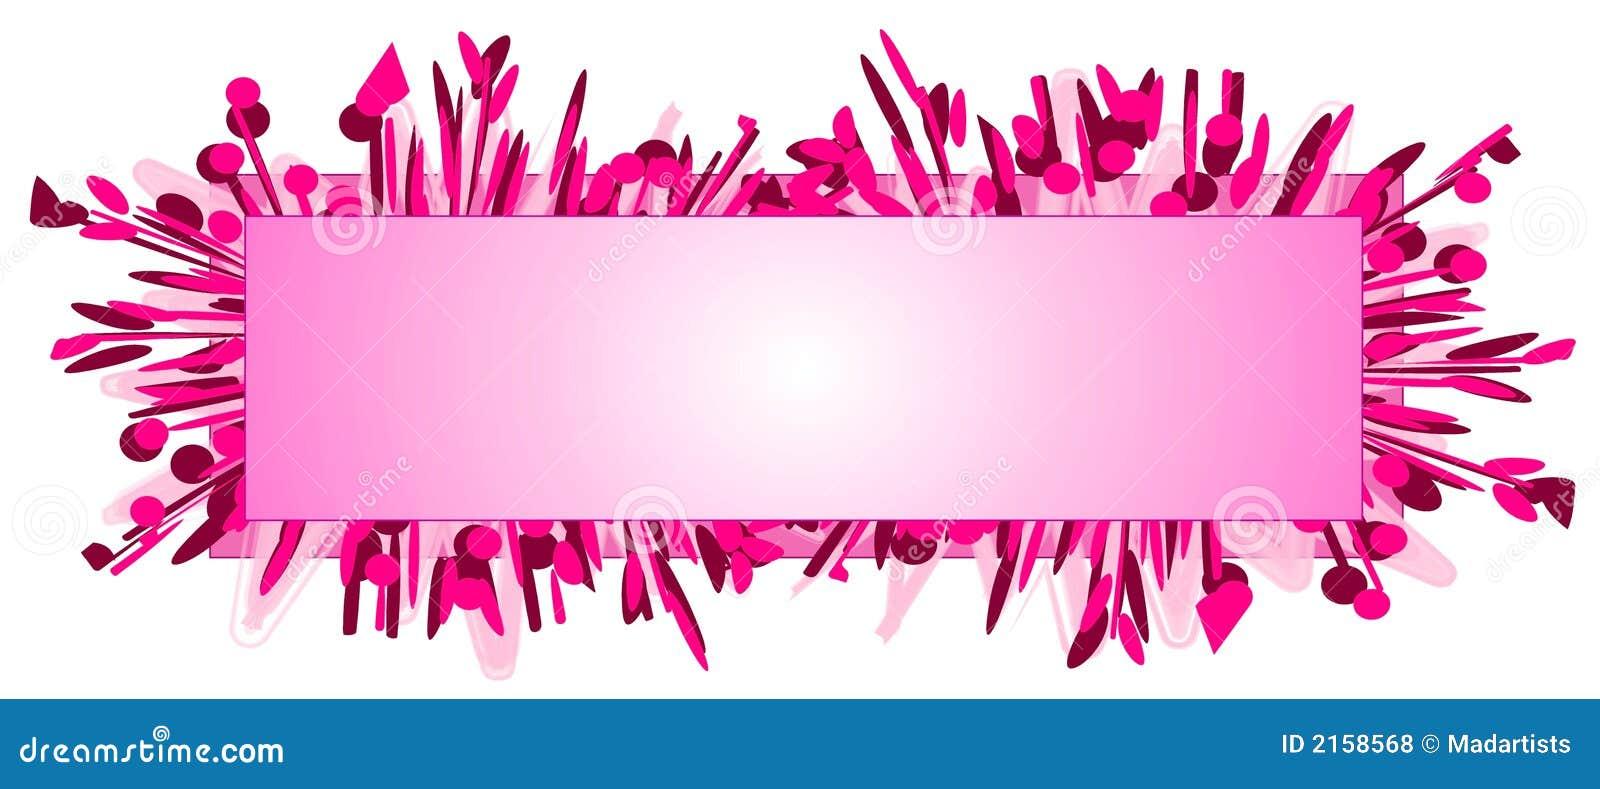 方式徽标页粉红色万维网